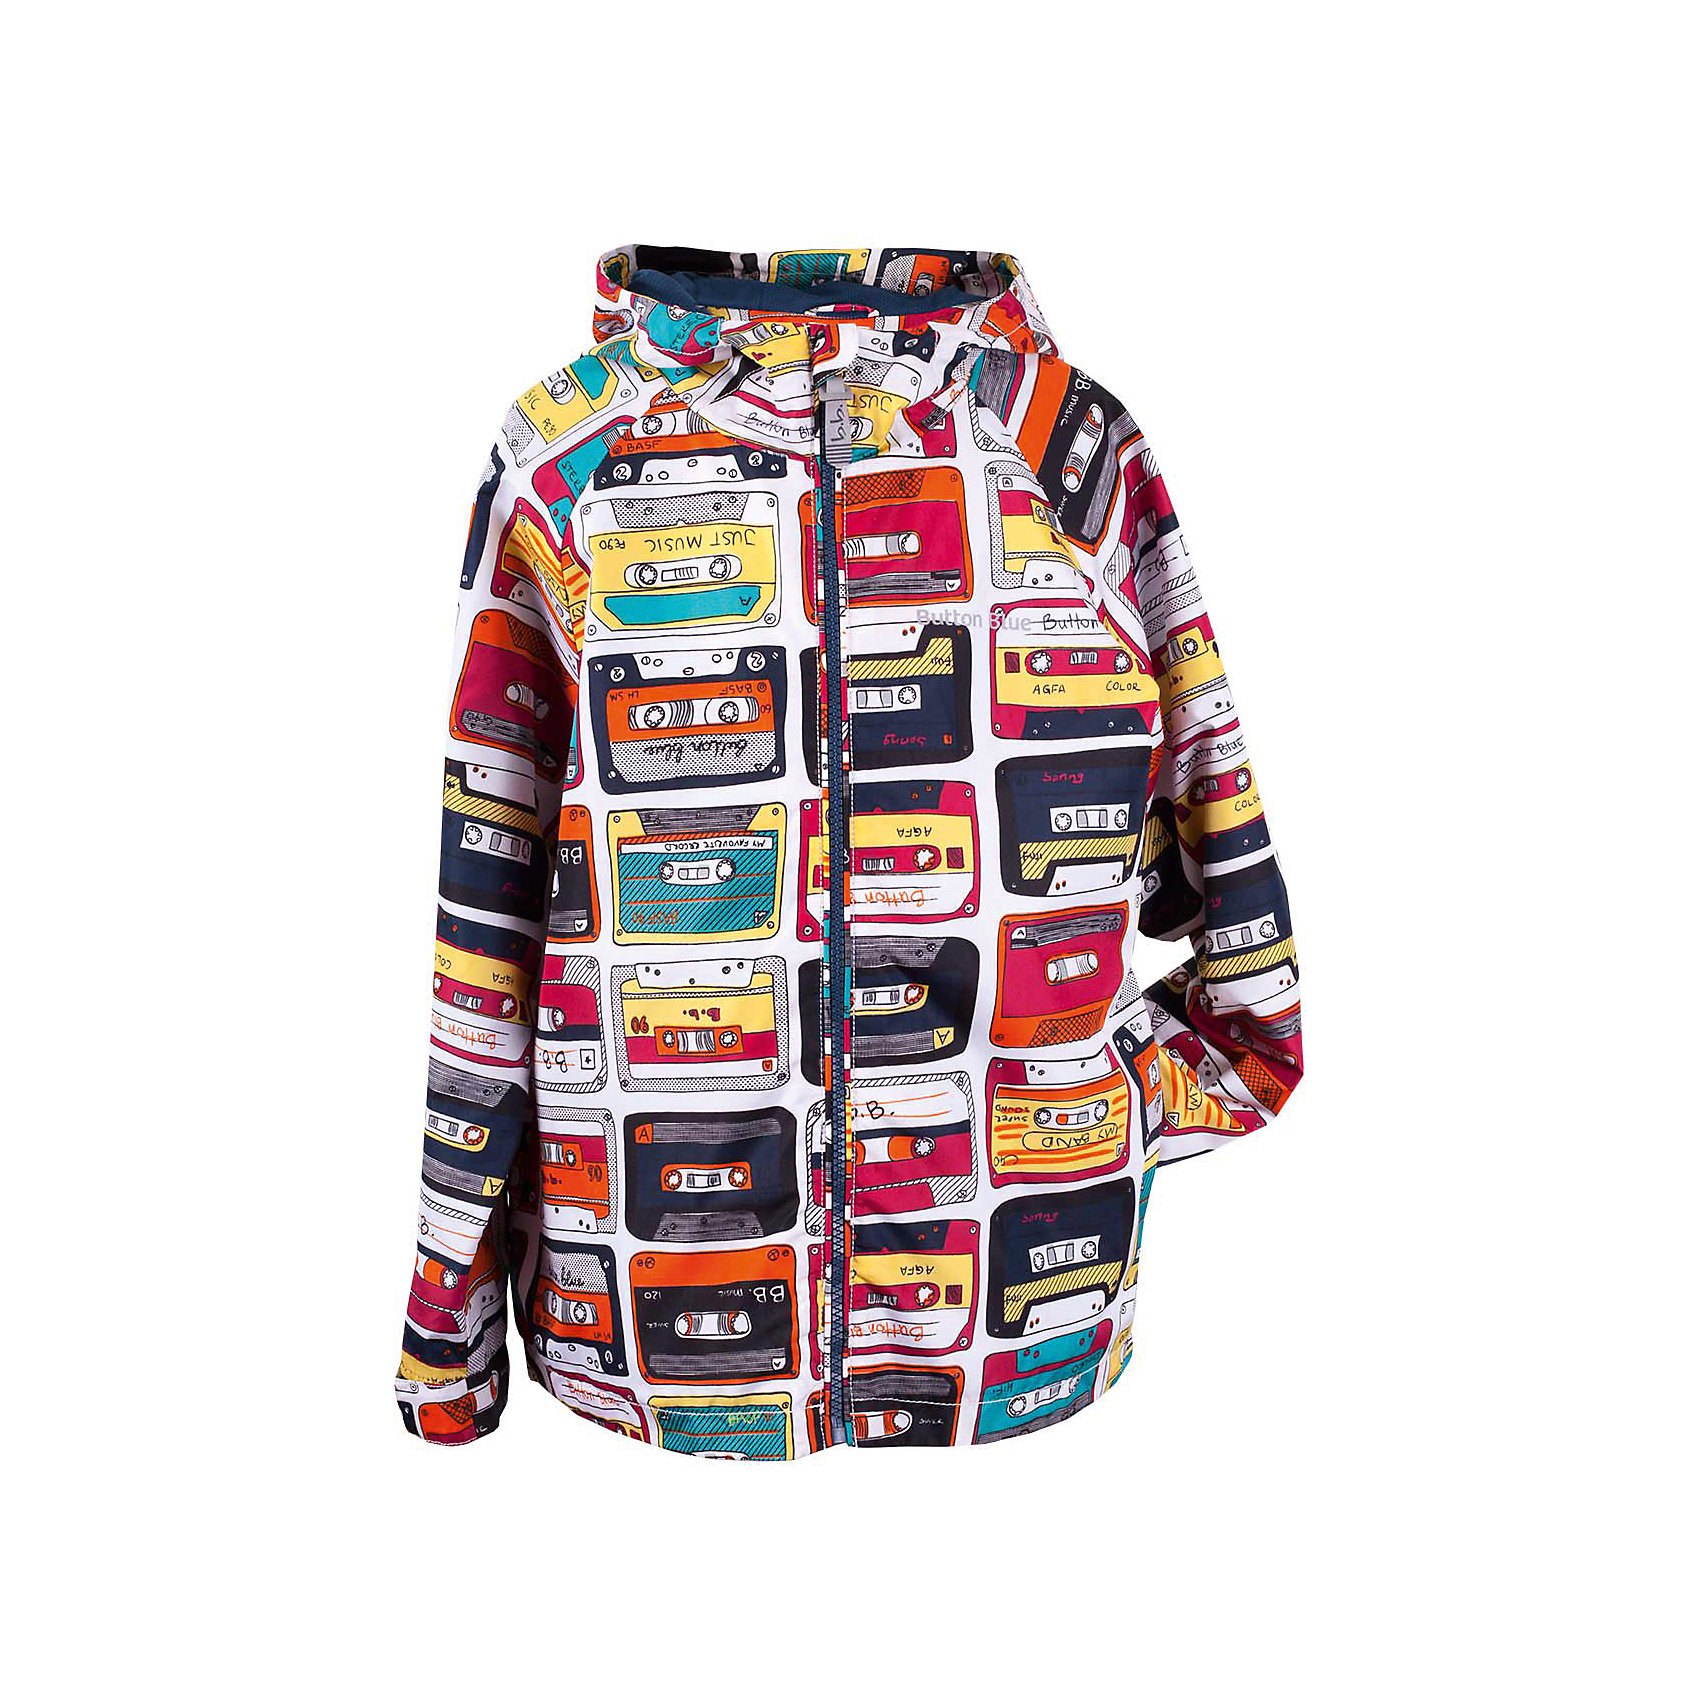 Куртка для мальчика  BUTTON BLUEВерхняя одежда<br>Куртка для мальчика  BUTTON BLUE<br>Отличная ветровка для мальчика понравится всем любителям активных прогулок! Ветровка сделана с соблюдением технологических особенностей производства спортивной одежды. Она не промокает, специальная подкладка создает комфорт при длительной носке, светоотражающие элементы обеспечивают безопасность ребенка. Водоотталкивающая ткань с оригинальным принтом делает ветровку запоминающейся. Если вы хотите купить отличную детскую ветровку недорого и не сомневаться в ее качестве и комфорте, ветровка от Button Blue - то, что вам нужно!<br>Состав:<br>Ткань  верха: 100% полиэстер, подклад: 100% полиэстер<br><br>Ширина мм: 356<br>Глубина мм: 10<br>Высота мм: 245<br>Вес г: 519<br>Цвет: разноцветный<br>Возраст от месяцев: 144<br>Возраст до месяцев: 156<br>Пол: Мужской<br>Возраст: Детский<br>Размер: 158,116,98,104,110,122,128,134,140,146,152<br>SKU: 5524081